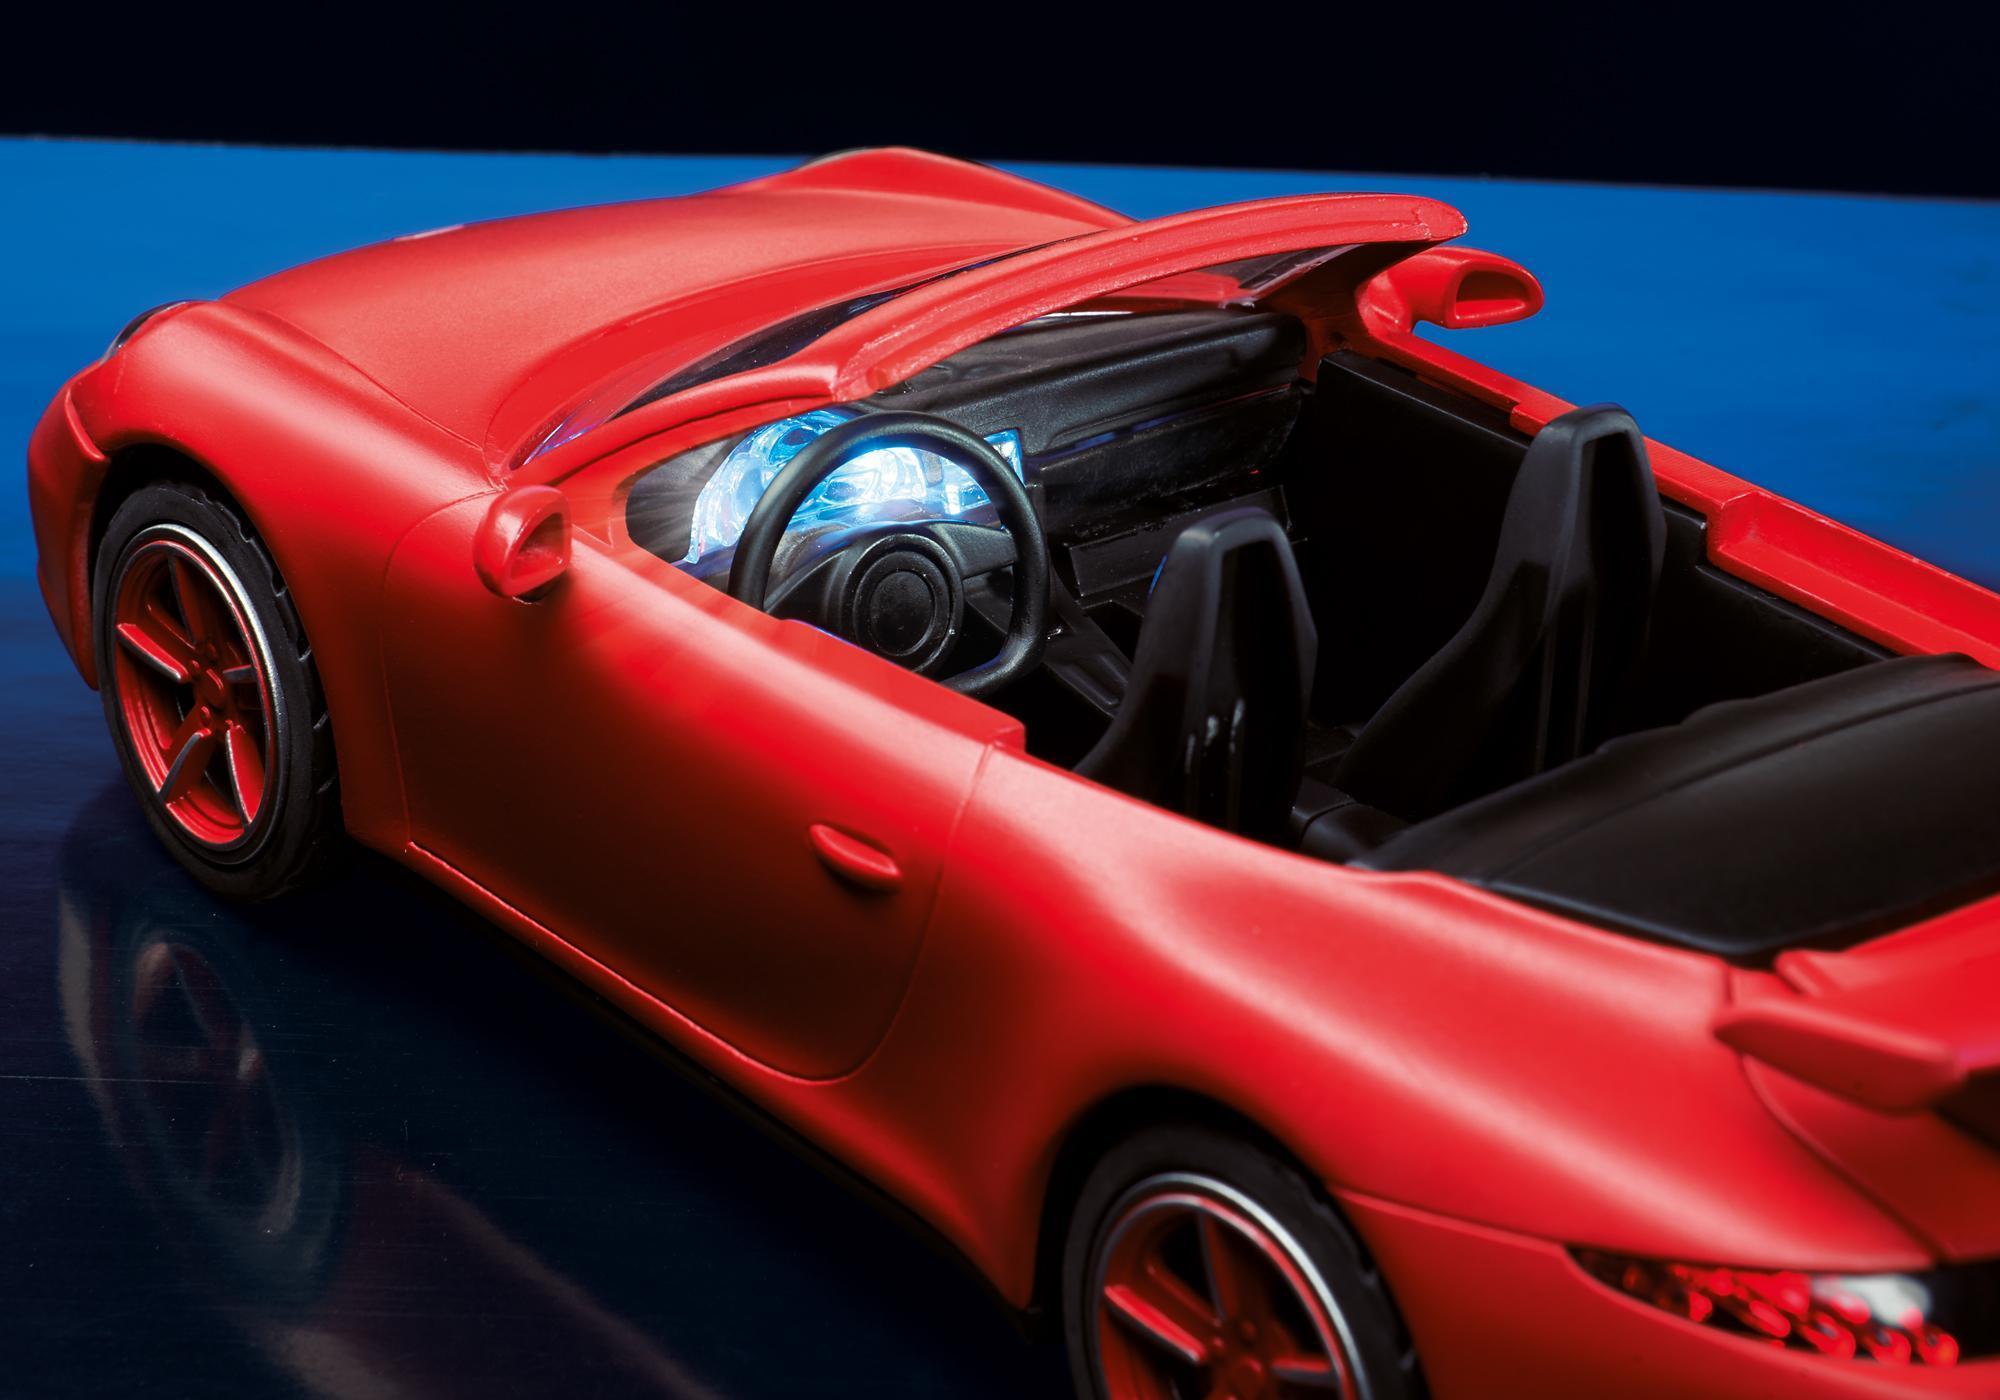 http://media.playmobil.com/i/playmobil/3911_product_extra3/Porsche 911 Carrera S